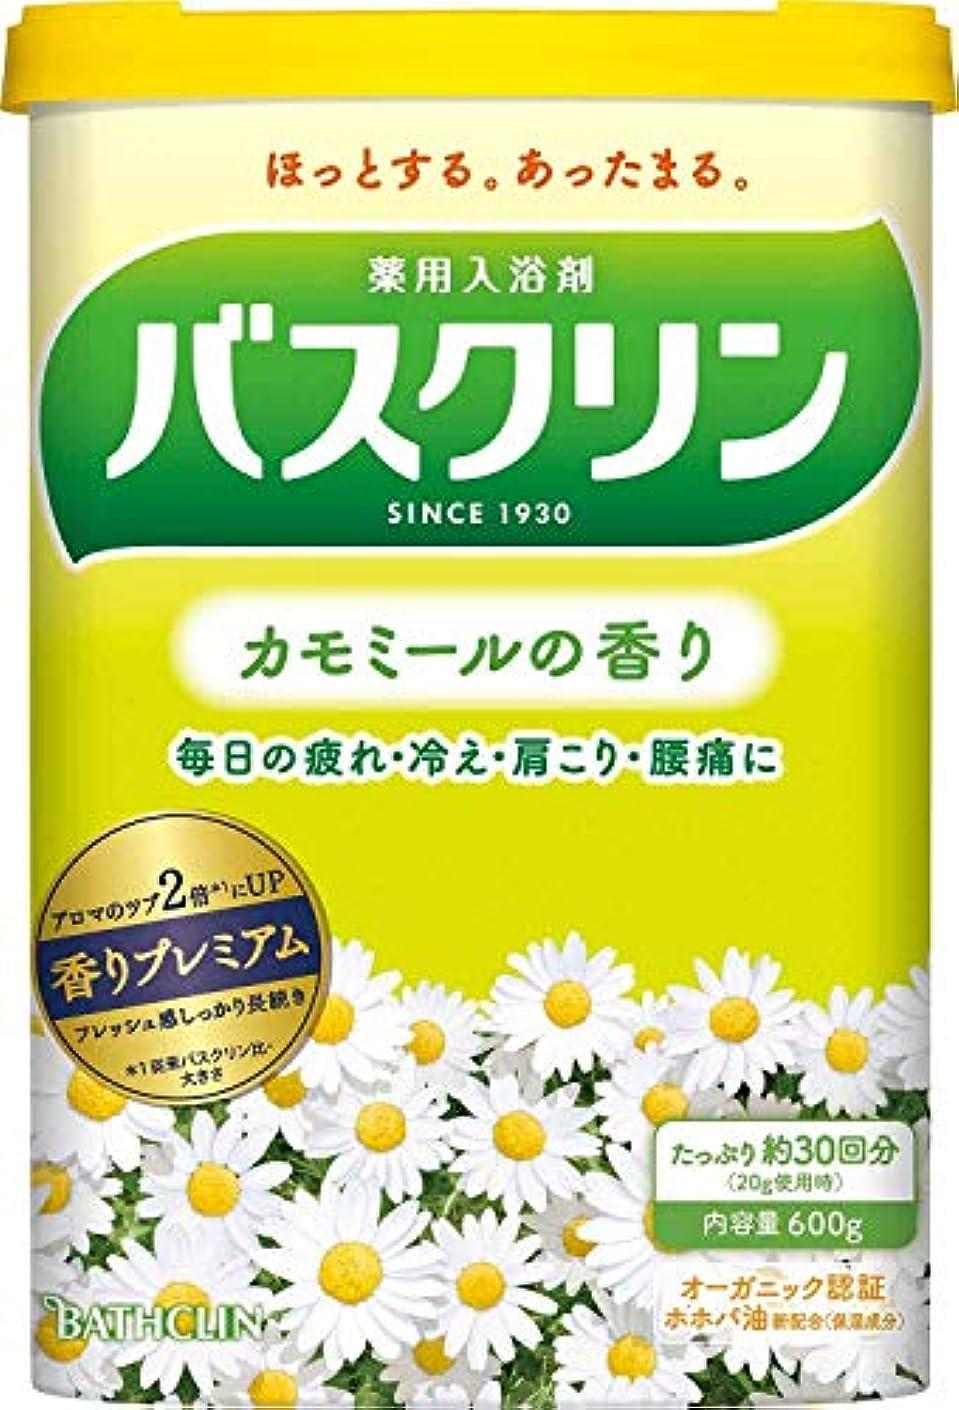 リースチェス発疹【医薬部外品】バスクリンカモミールの香り600g入浴剤(約30回分)